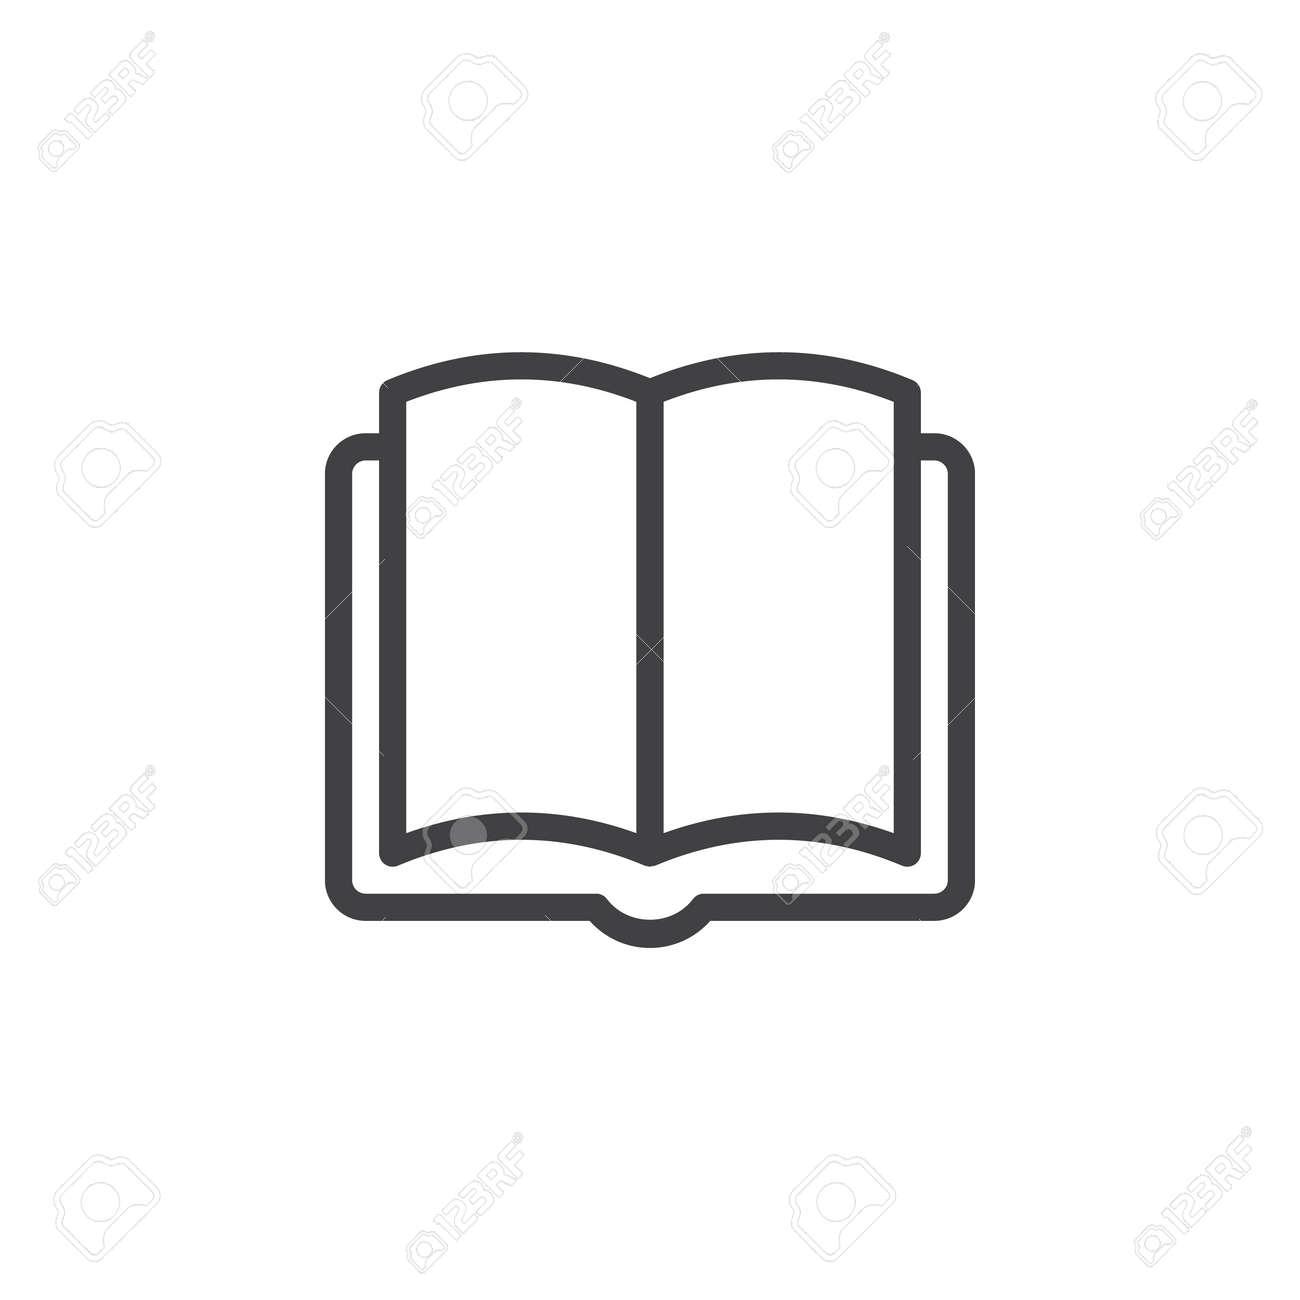 Icone De Ligne Livre Contour Vector Signe Pictogramme De Style Lineaire Isole Sur Blanc Symbole Illustration De Logo